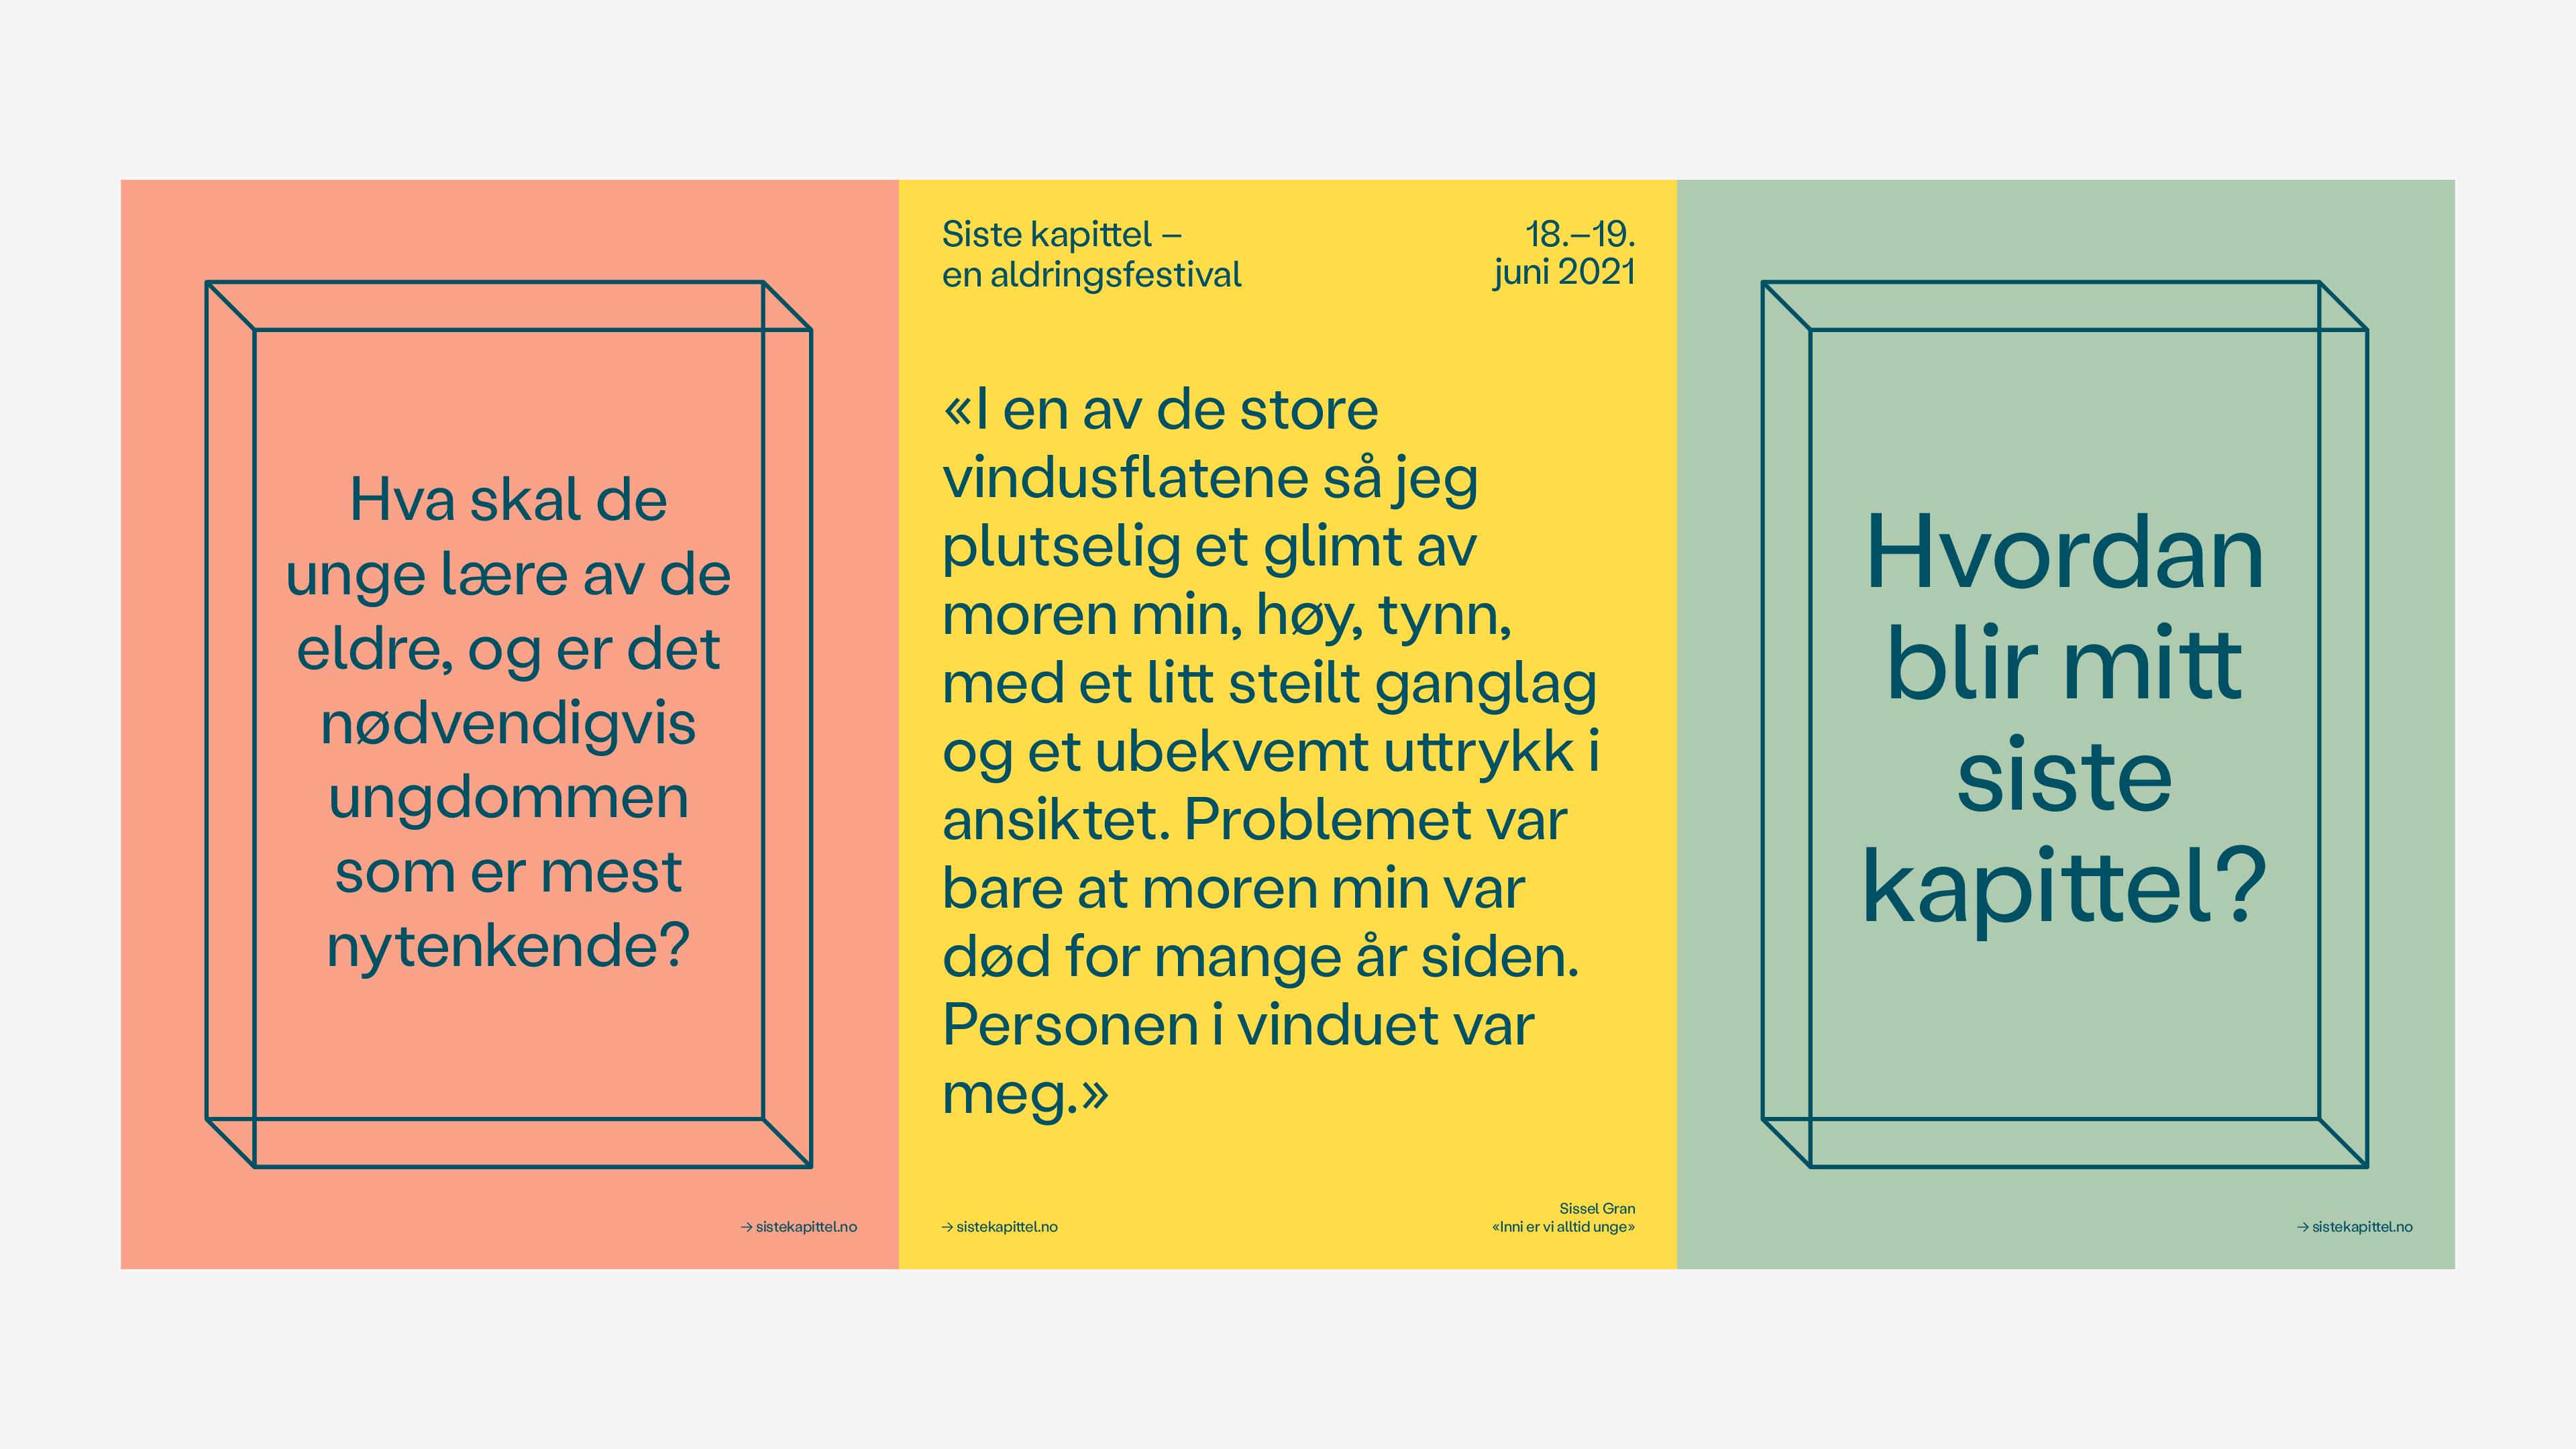 Siste_kapittel_05